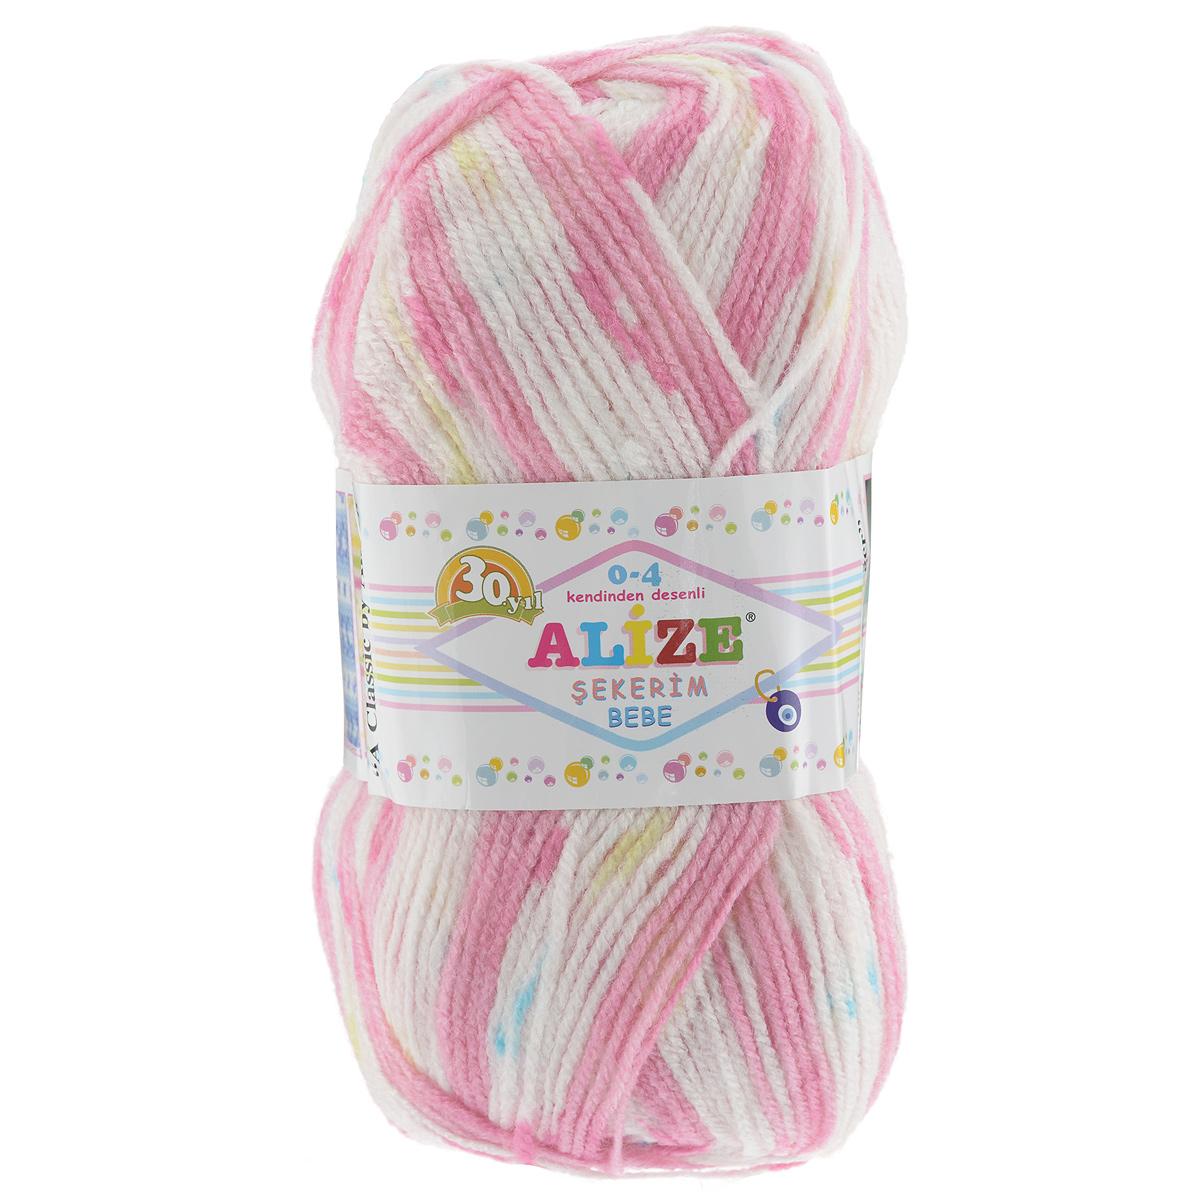 Пряжа для вязания Alize Sekerim Bebe, цвет: розовый, белый (102), 350 м, 100 г, 5 шт364082_102Пряжа для вязания Alize Sekerim Bebe изготовлена из акрила. Фантазийная пряжа для ручного вязания отлично подойдет для детских вещей. Ниточка мягкая и приятная на ощупь. Подходит для вязания спицами и крючком. Рекомендованные спицы 3-4 мм и крючок для вязания 2-4 мм. Состав: 100% акрил.